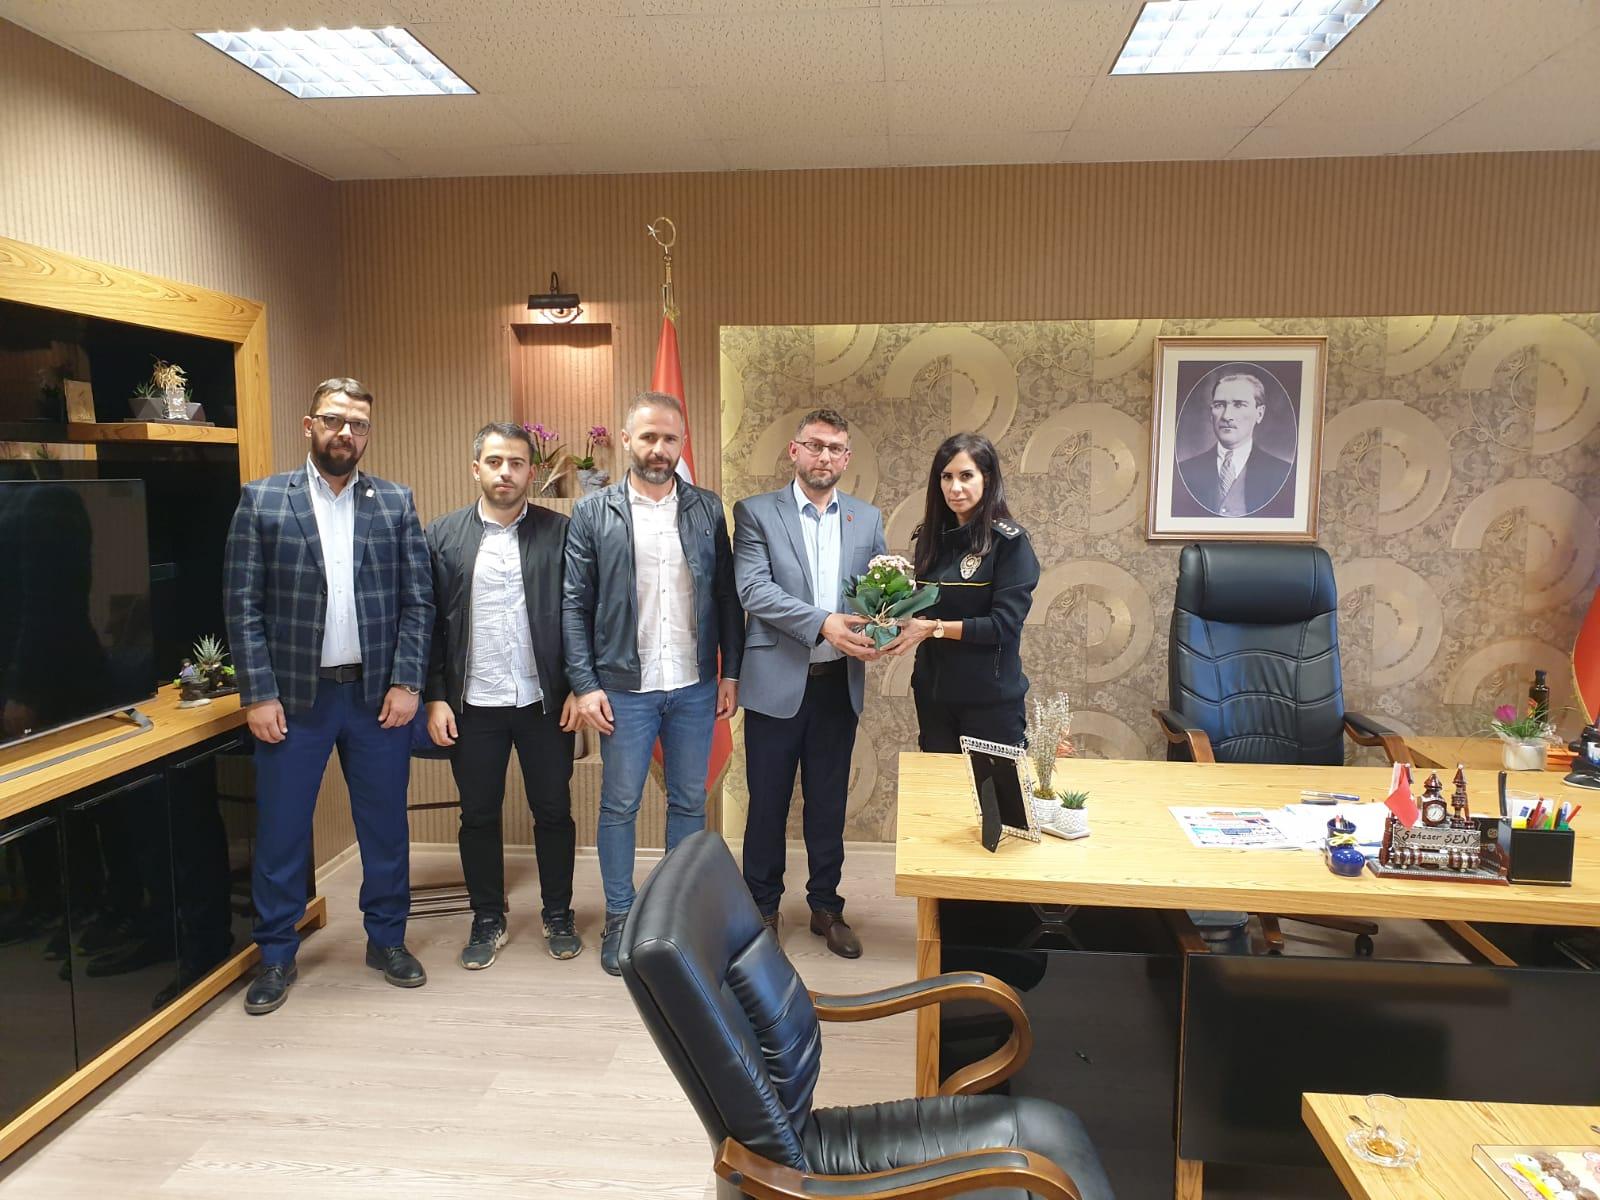 Yeniden Refah Partisinden İlçe Emniyet Müdürlüğü Ziyareti